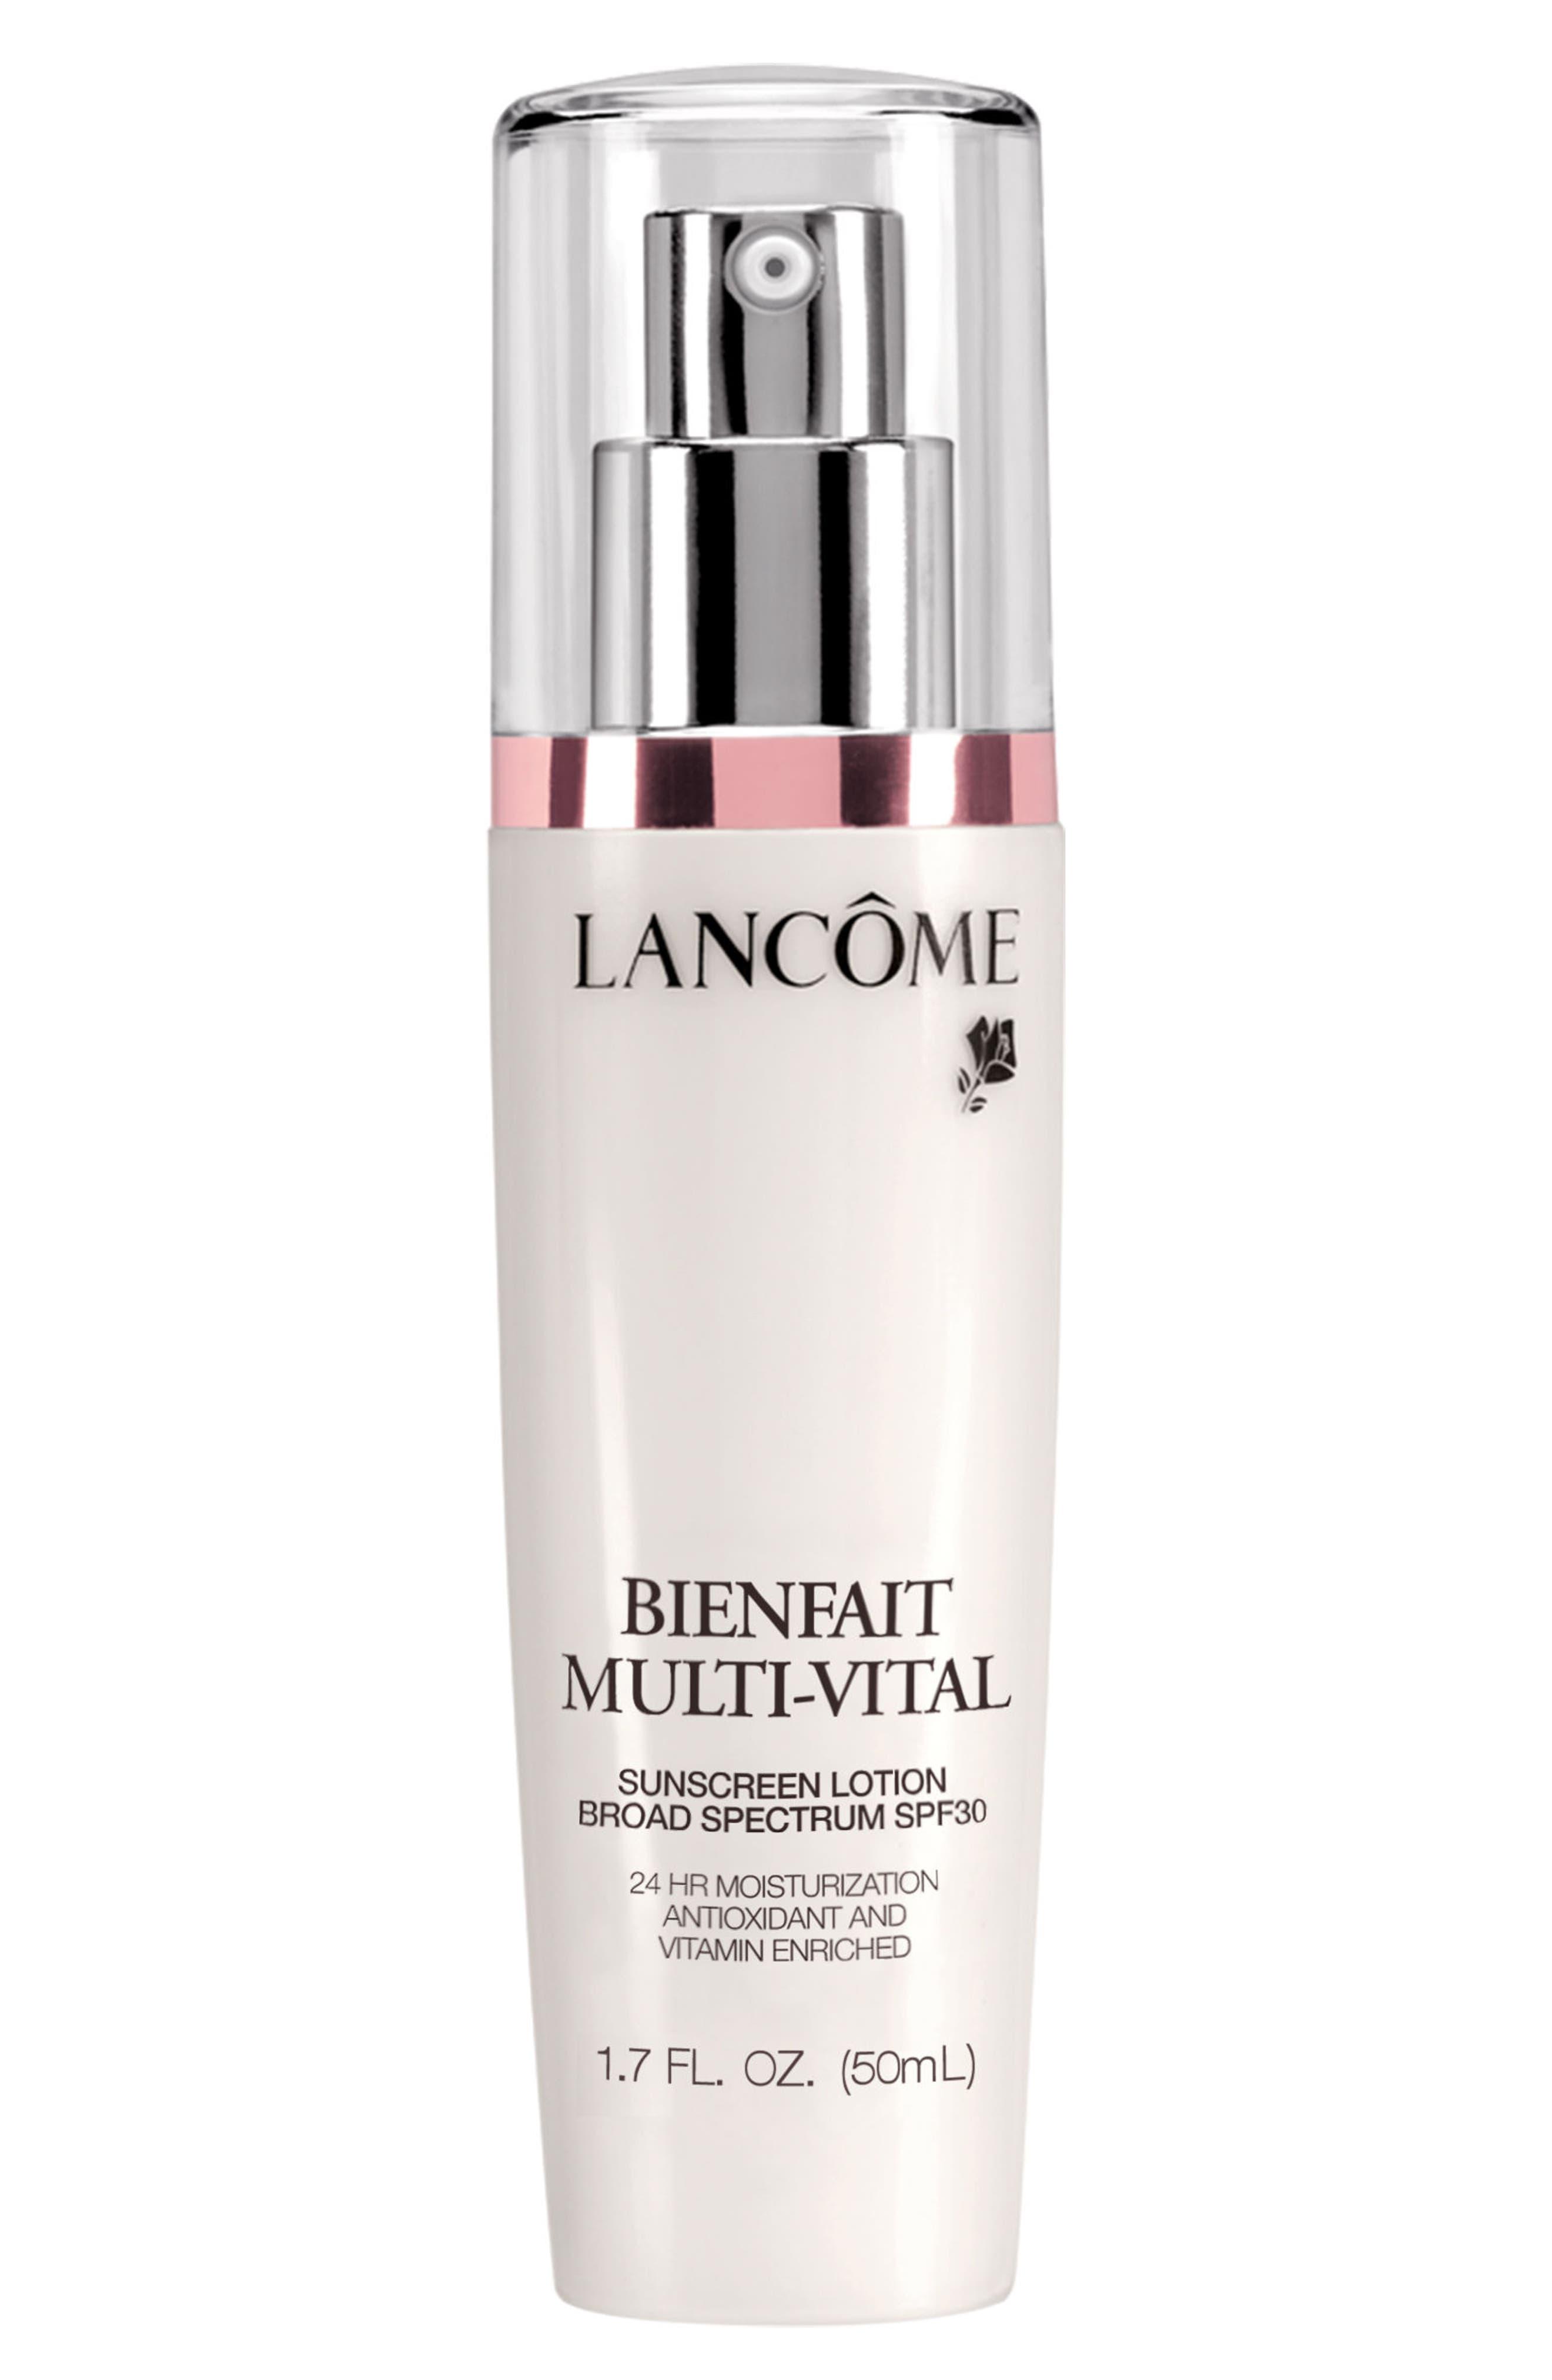 'Bienfait Multi-Vital' SPF 30 Sunscreen,                             Main thumbnail 1, color,                             NO COLOR